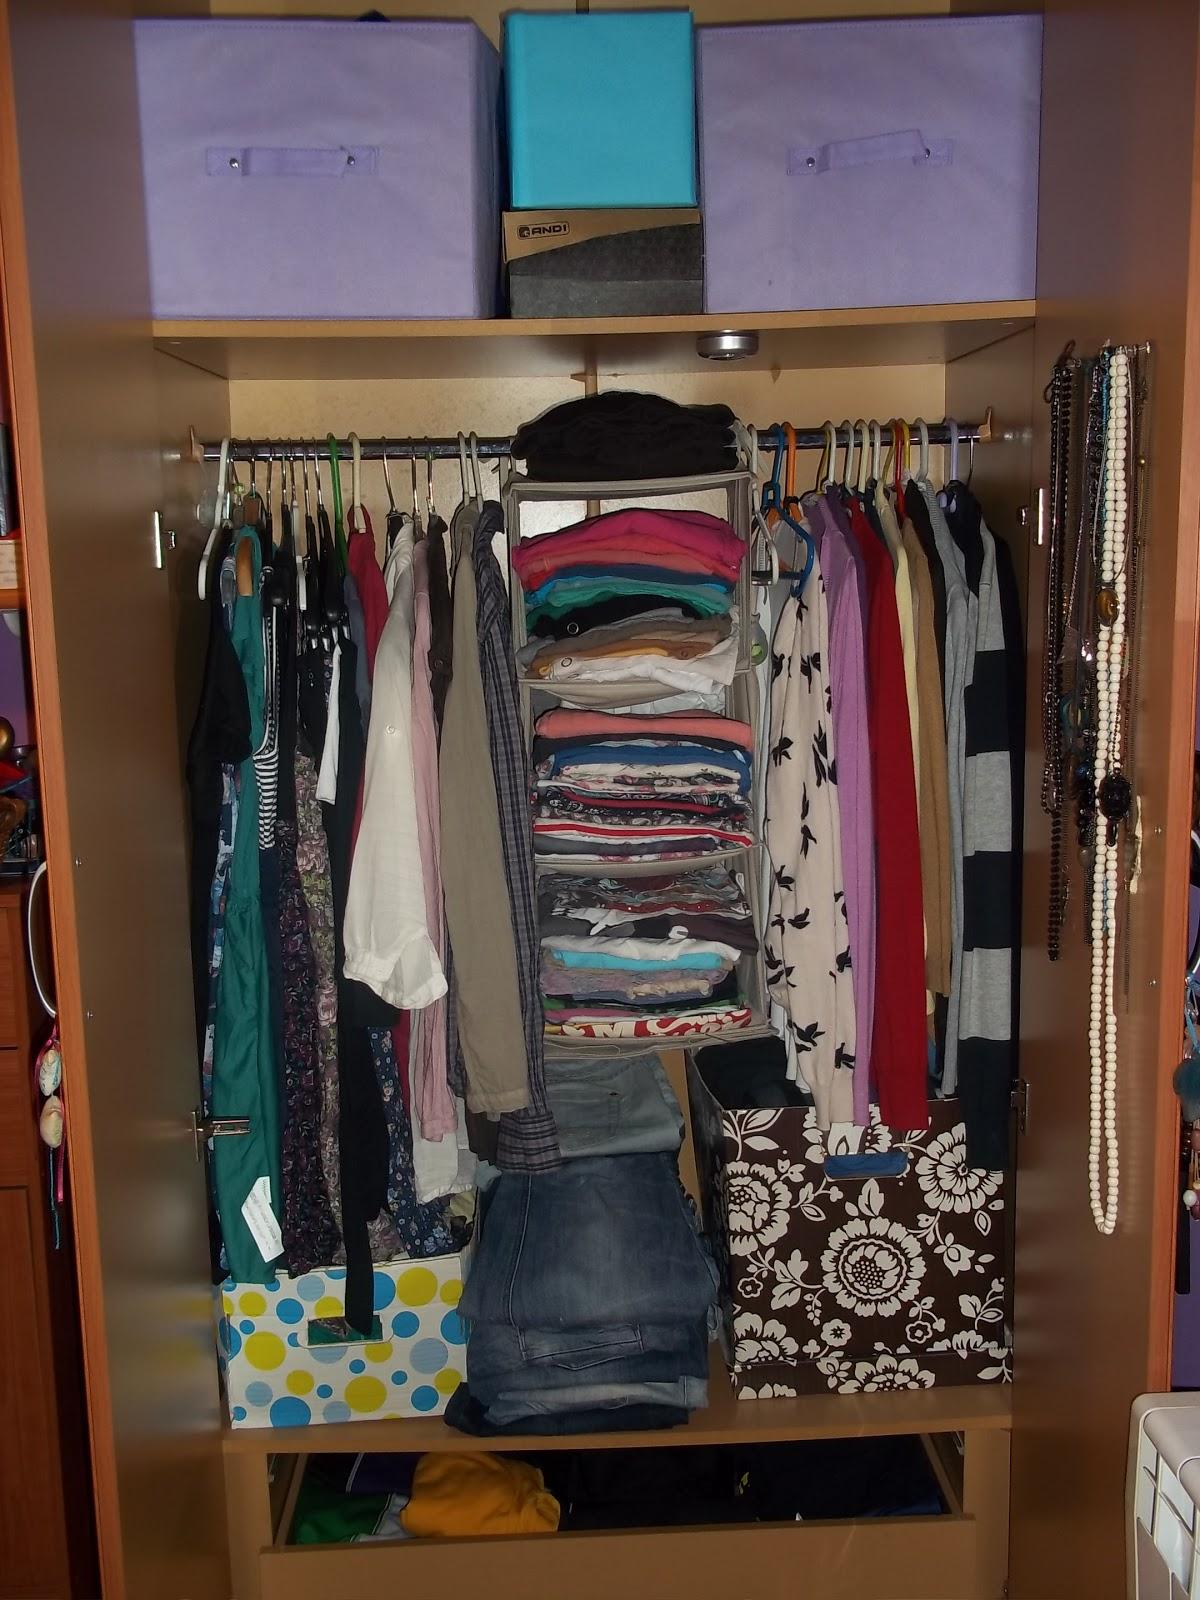 casas cocinas mueble organizar armario empotrado On como organizar un armario empotrado